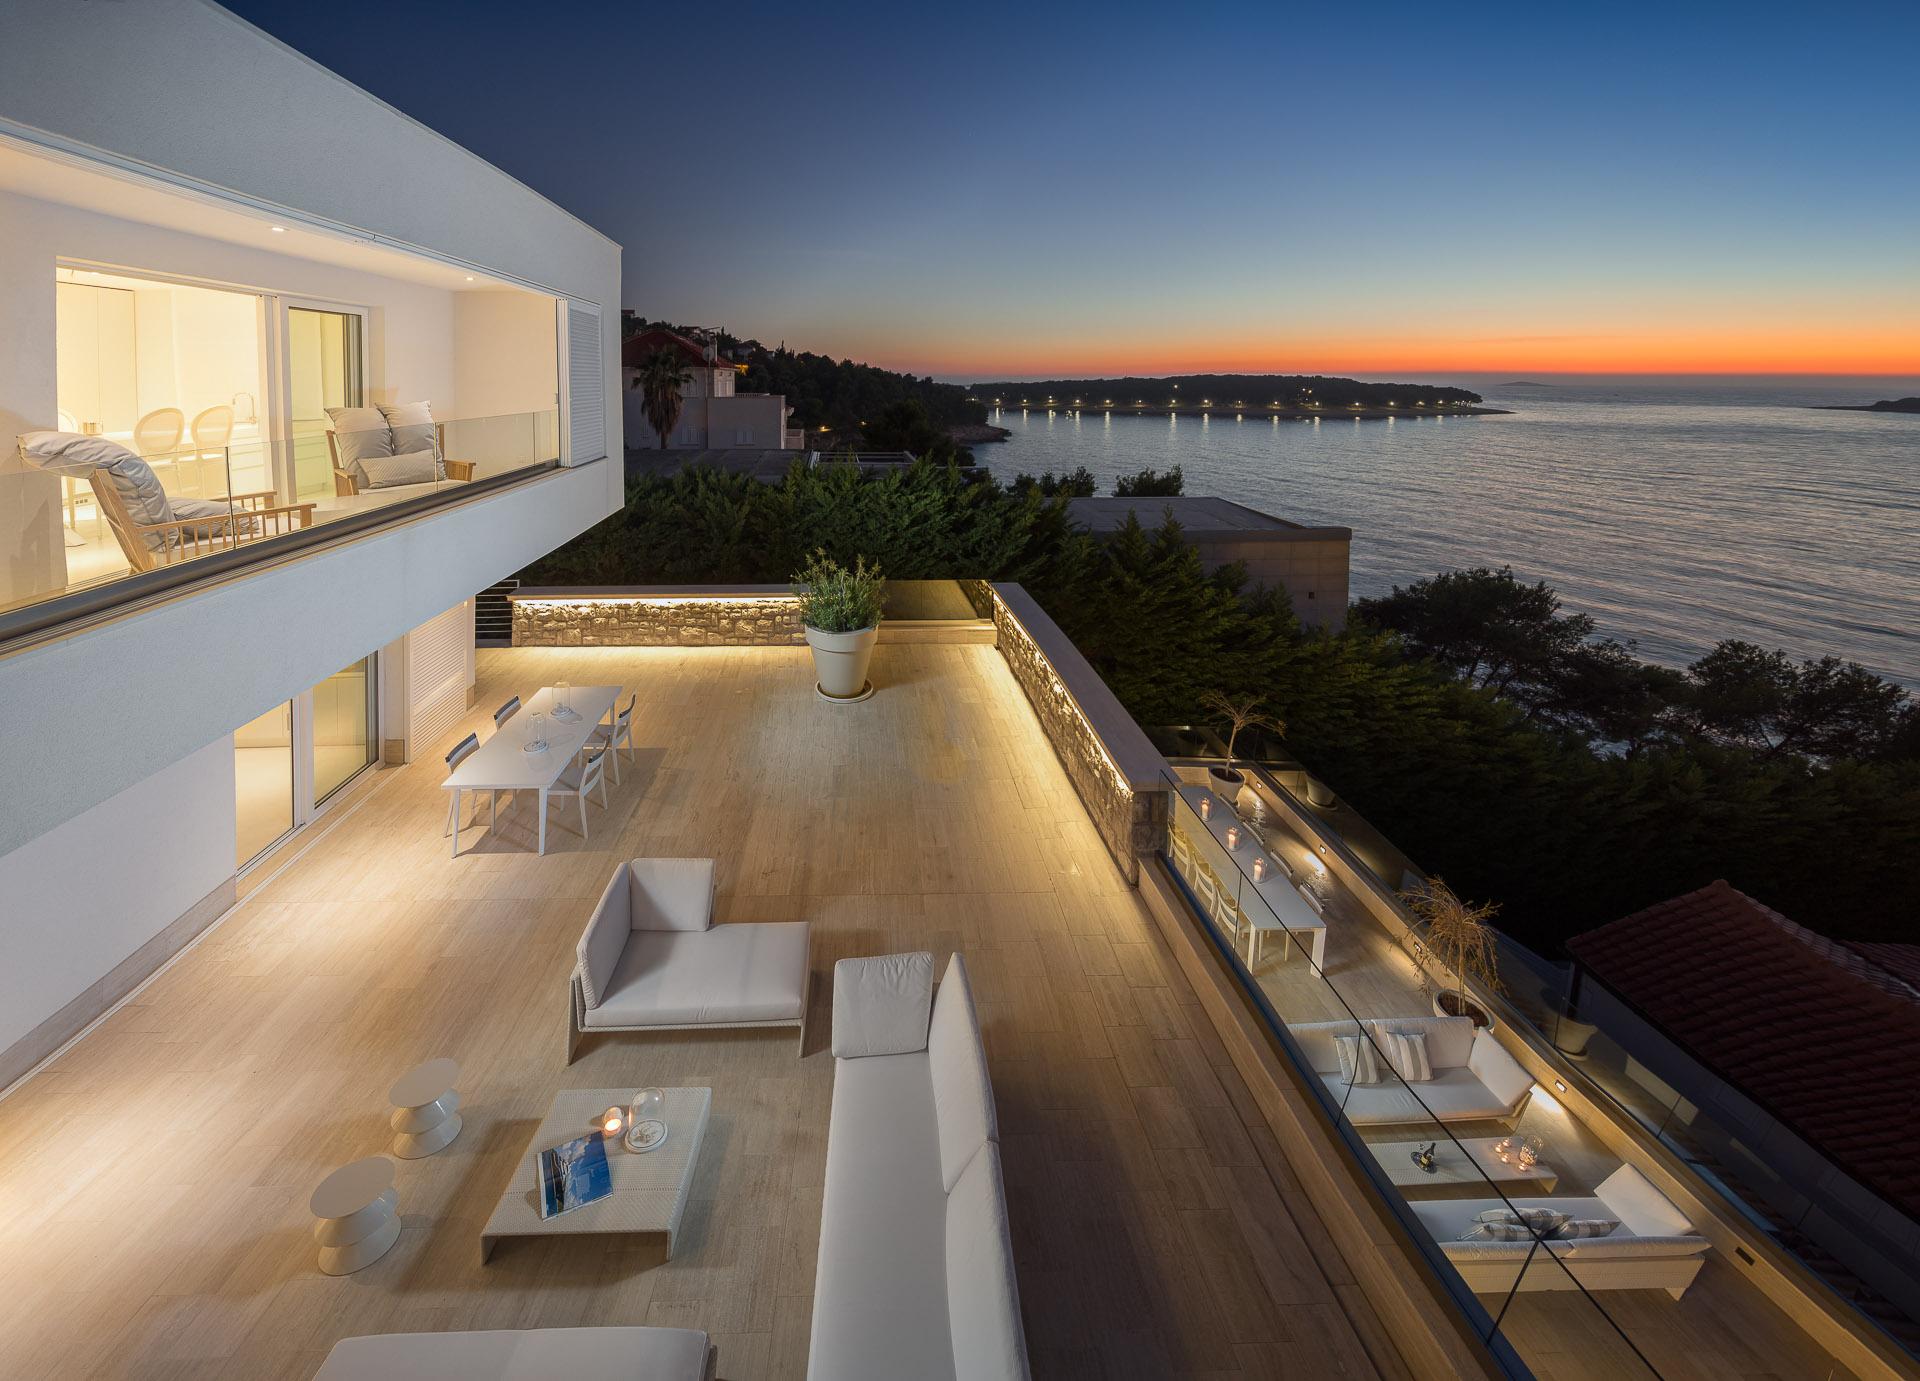 Luxury Villa Dance Forever in Primosten - Luxury Villas For Rent in Croatia